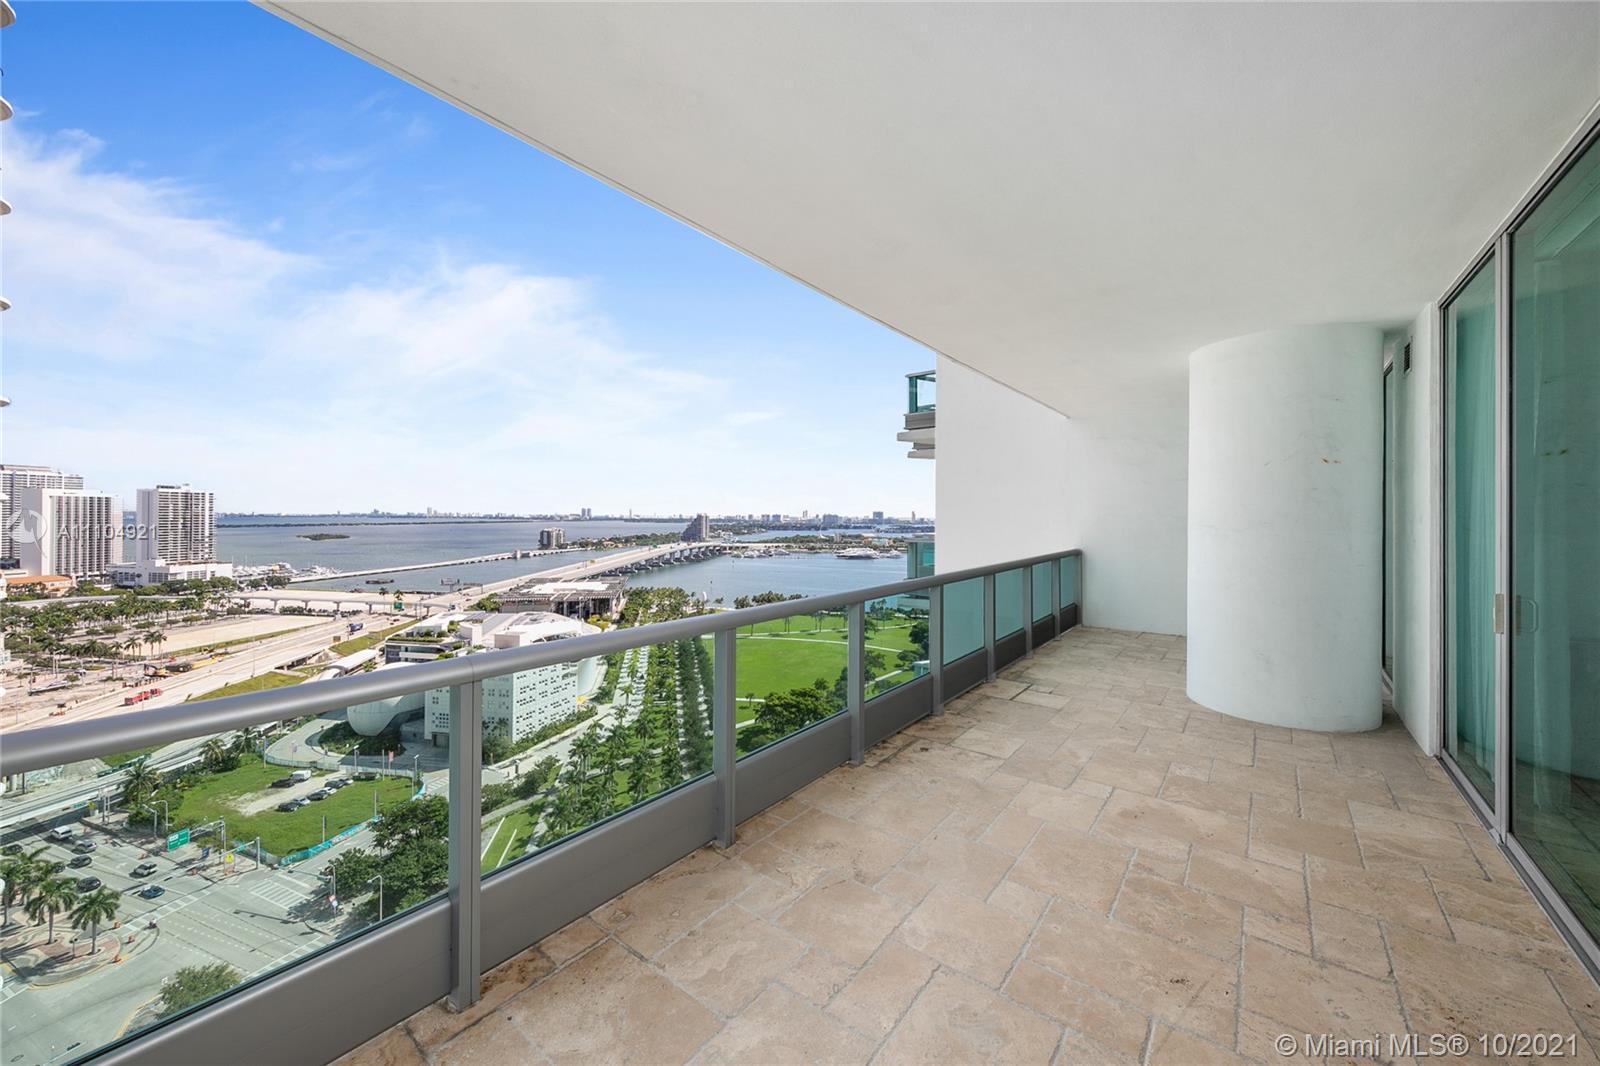 900 Biscayne Bay #2708 - 900 Biscayne Blvd #2708, Miami, FL 33132